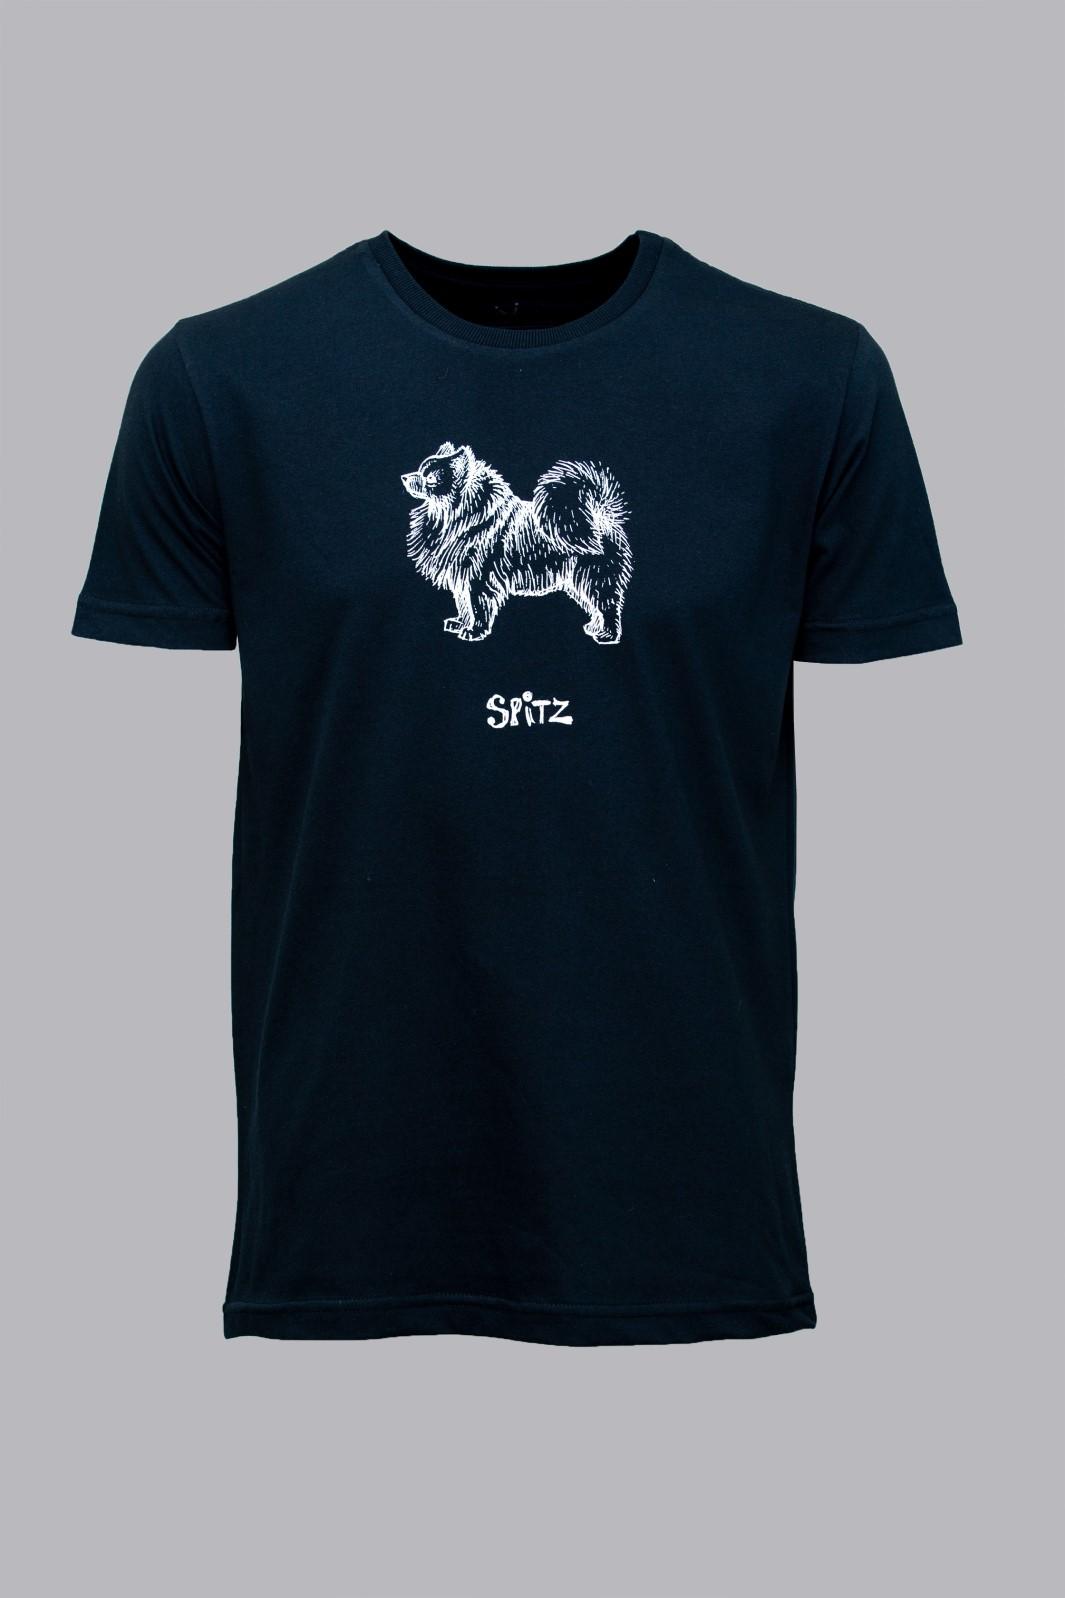 Camiseta CoolWave Spitz